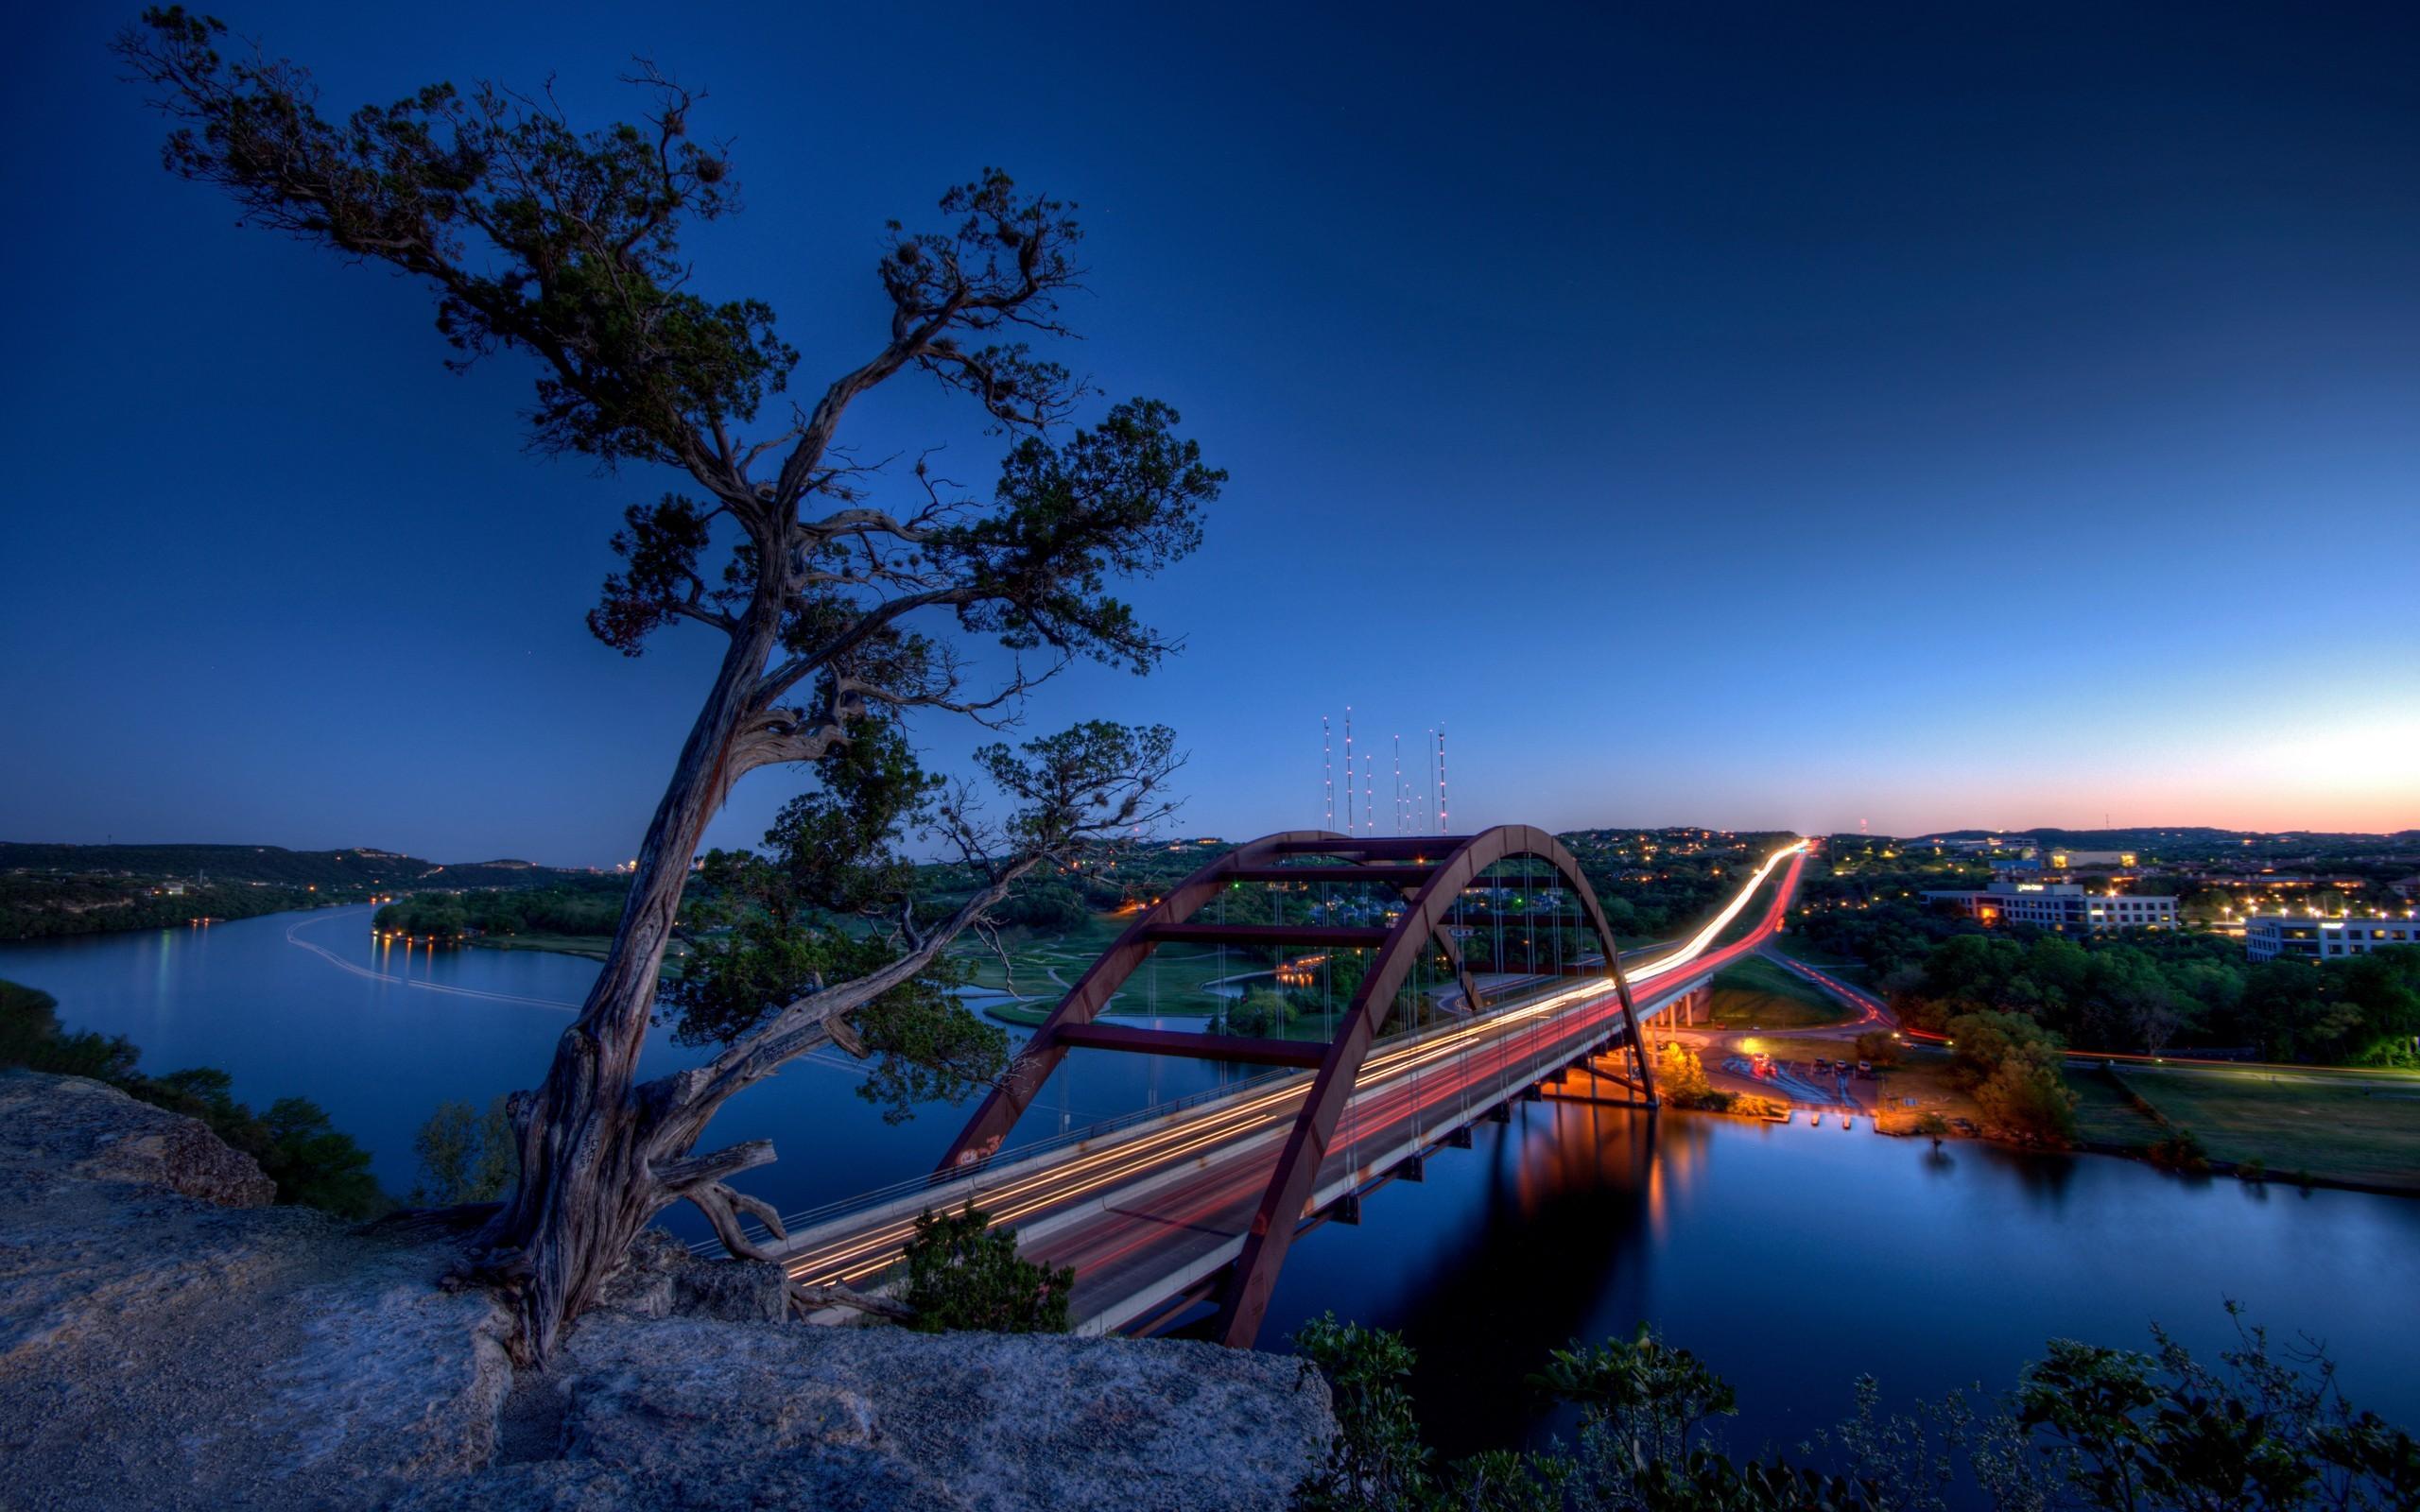 красивые мосты обои на рабочий стол № 183182 бесплатно